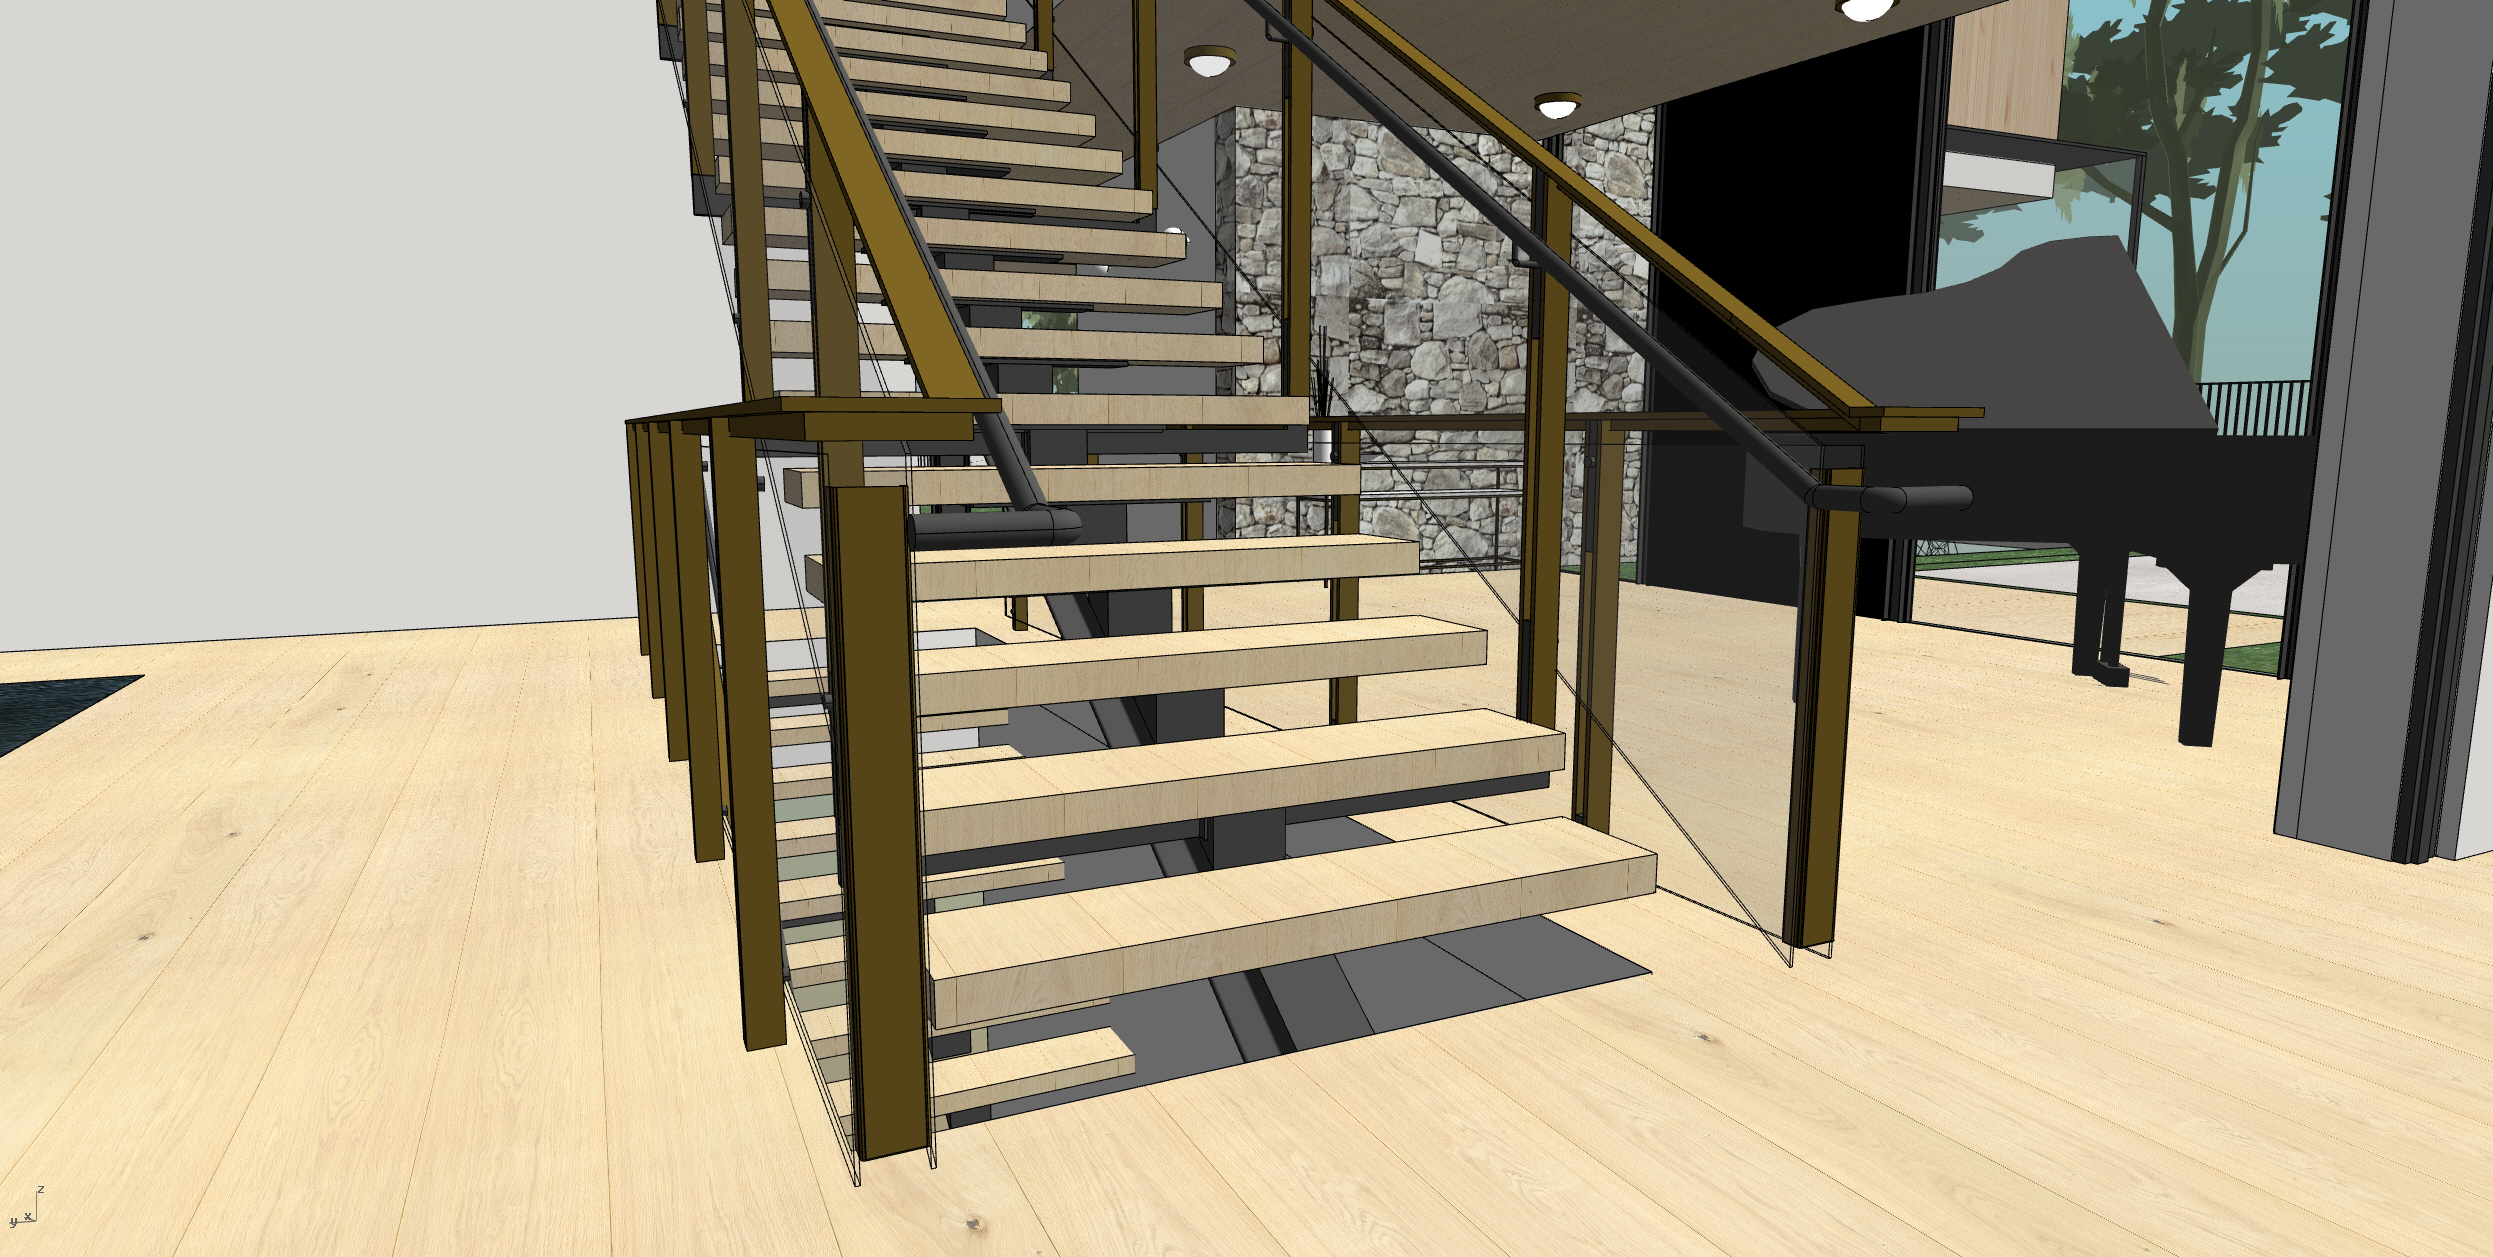 RADDON_Stair Render 4.jpg